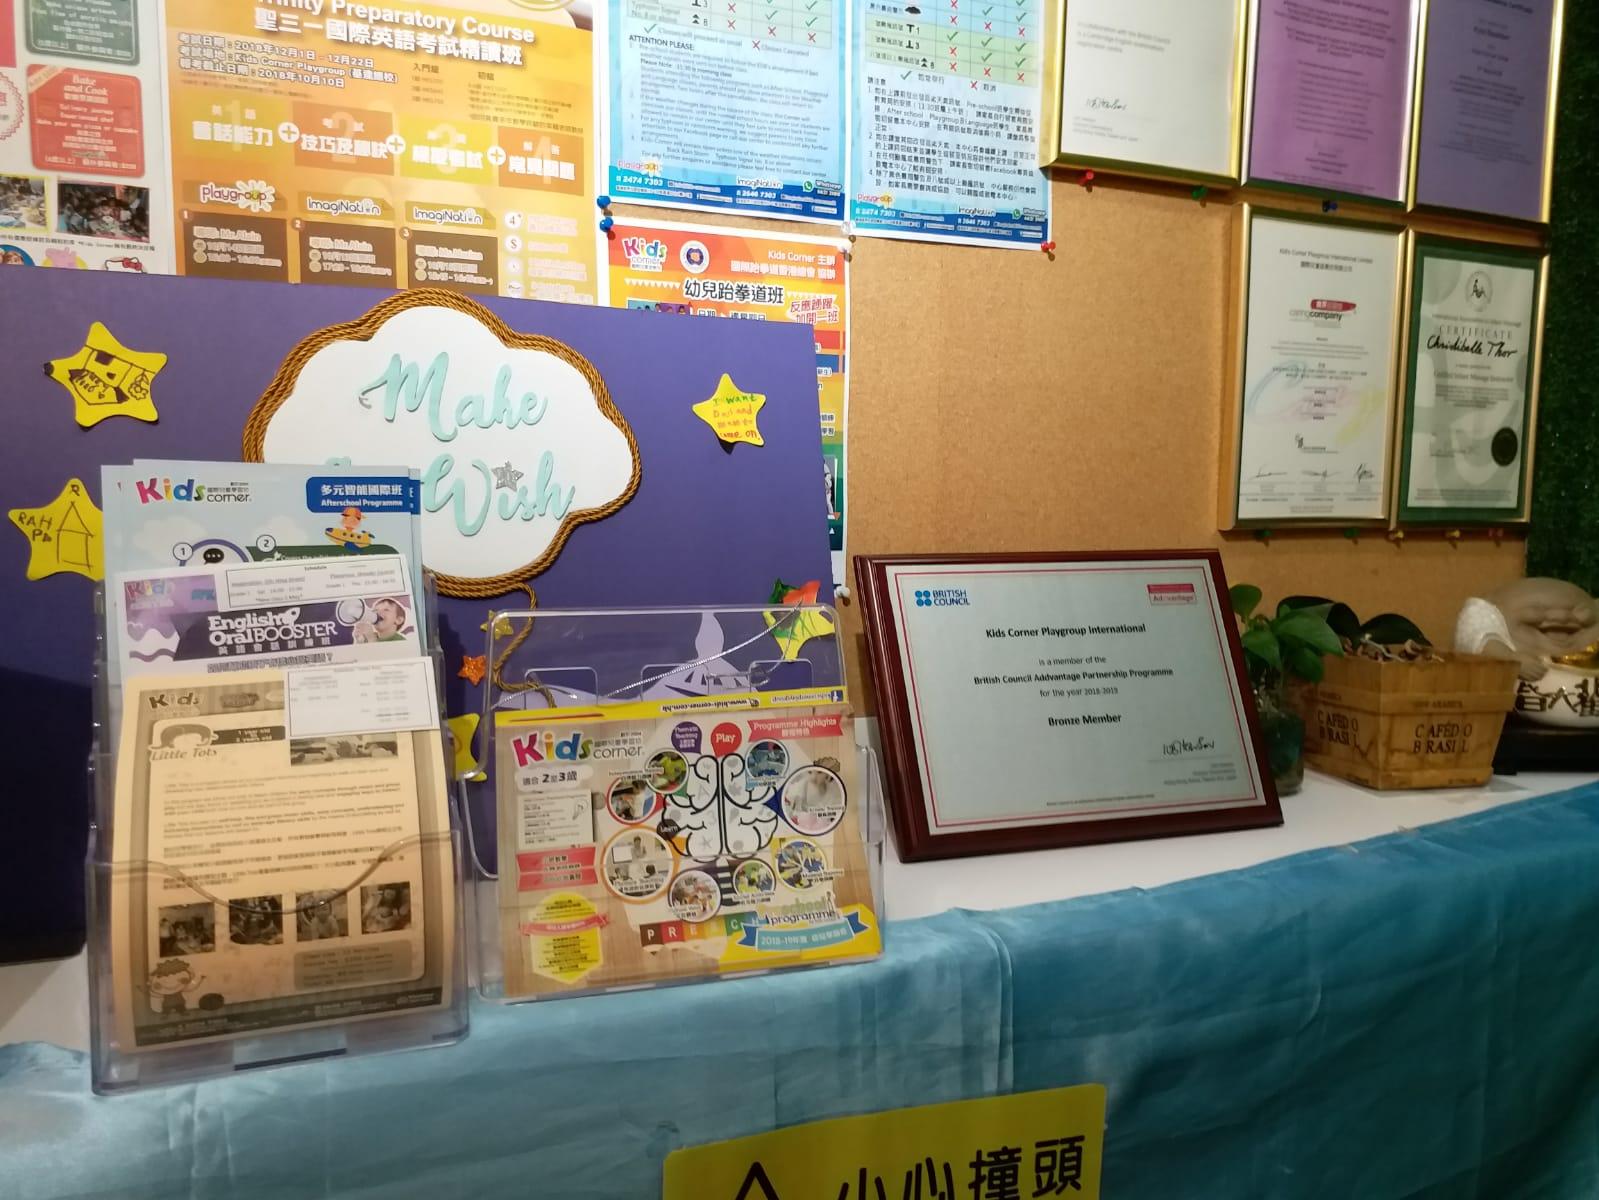 Partnership Award display